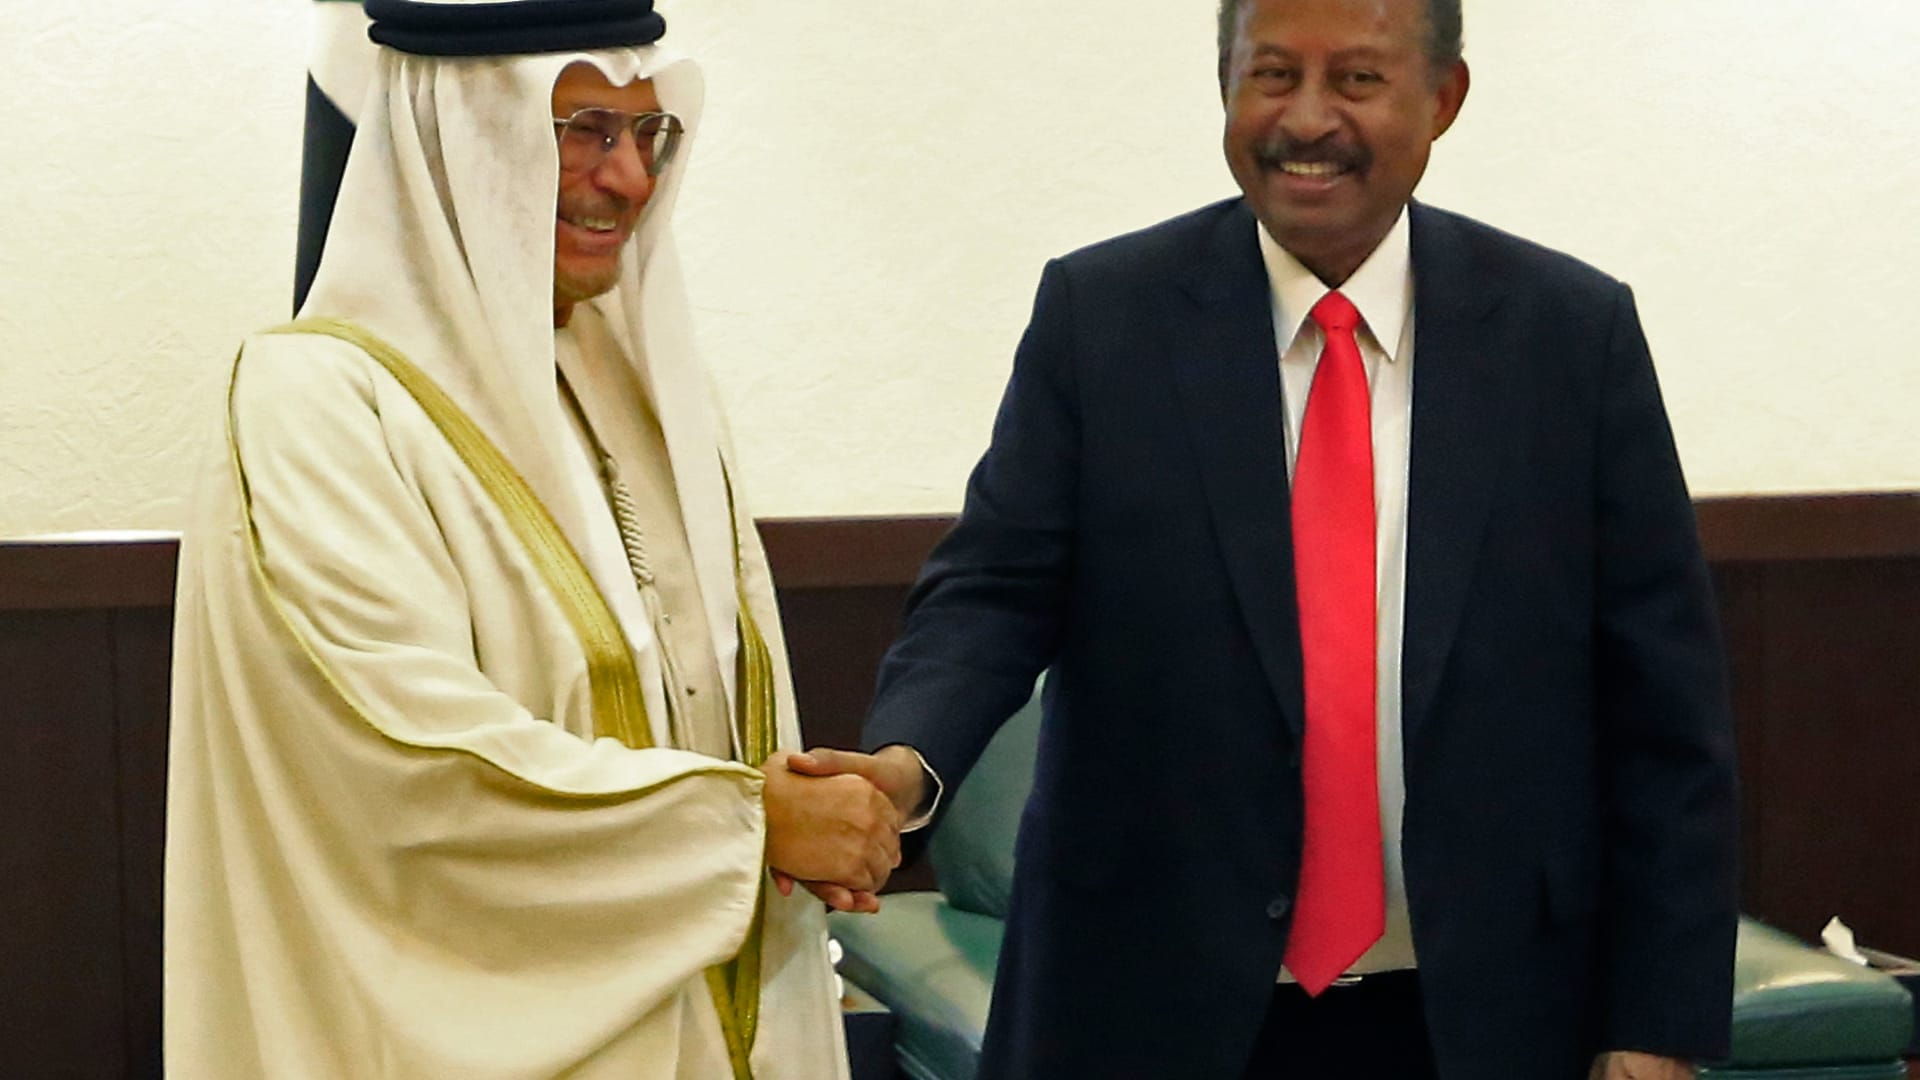 أنور قرقاش مع رئيس وزراء السودان عبدالله حمدوك